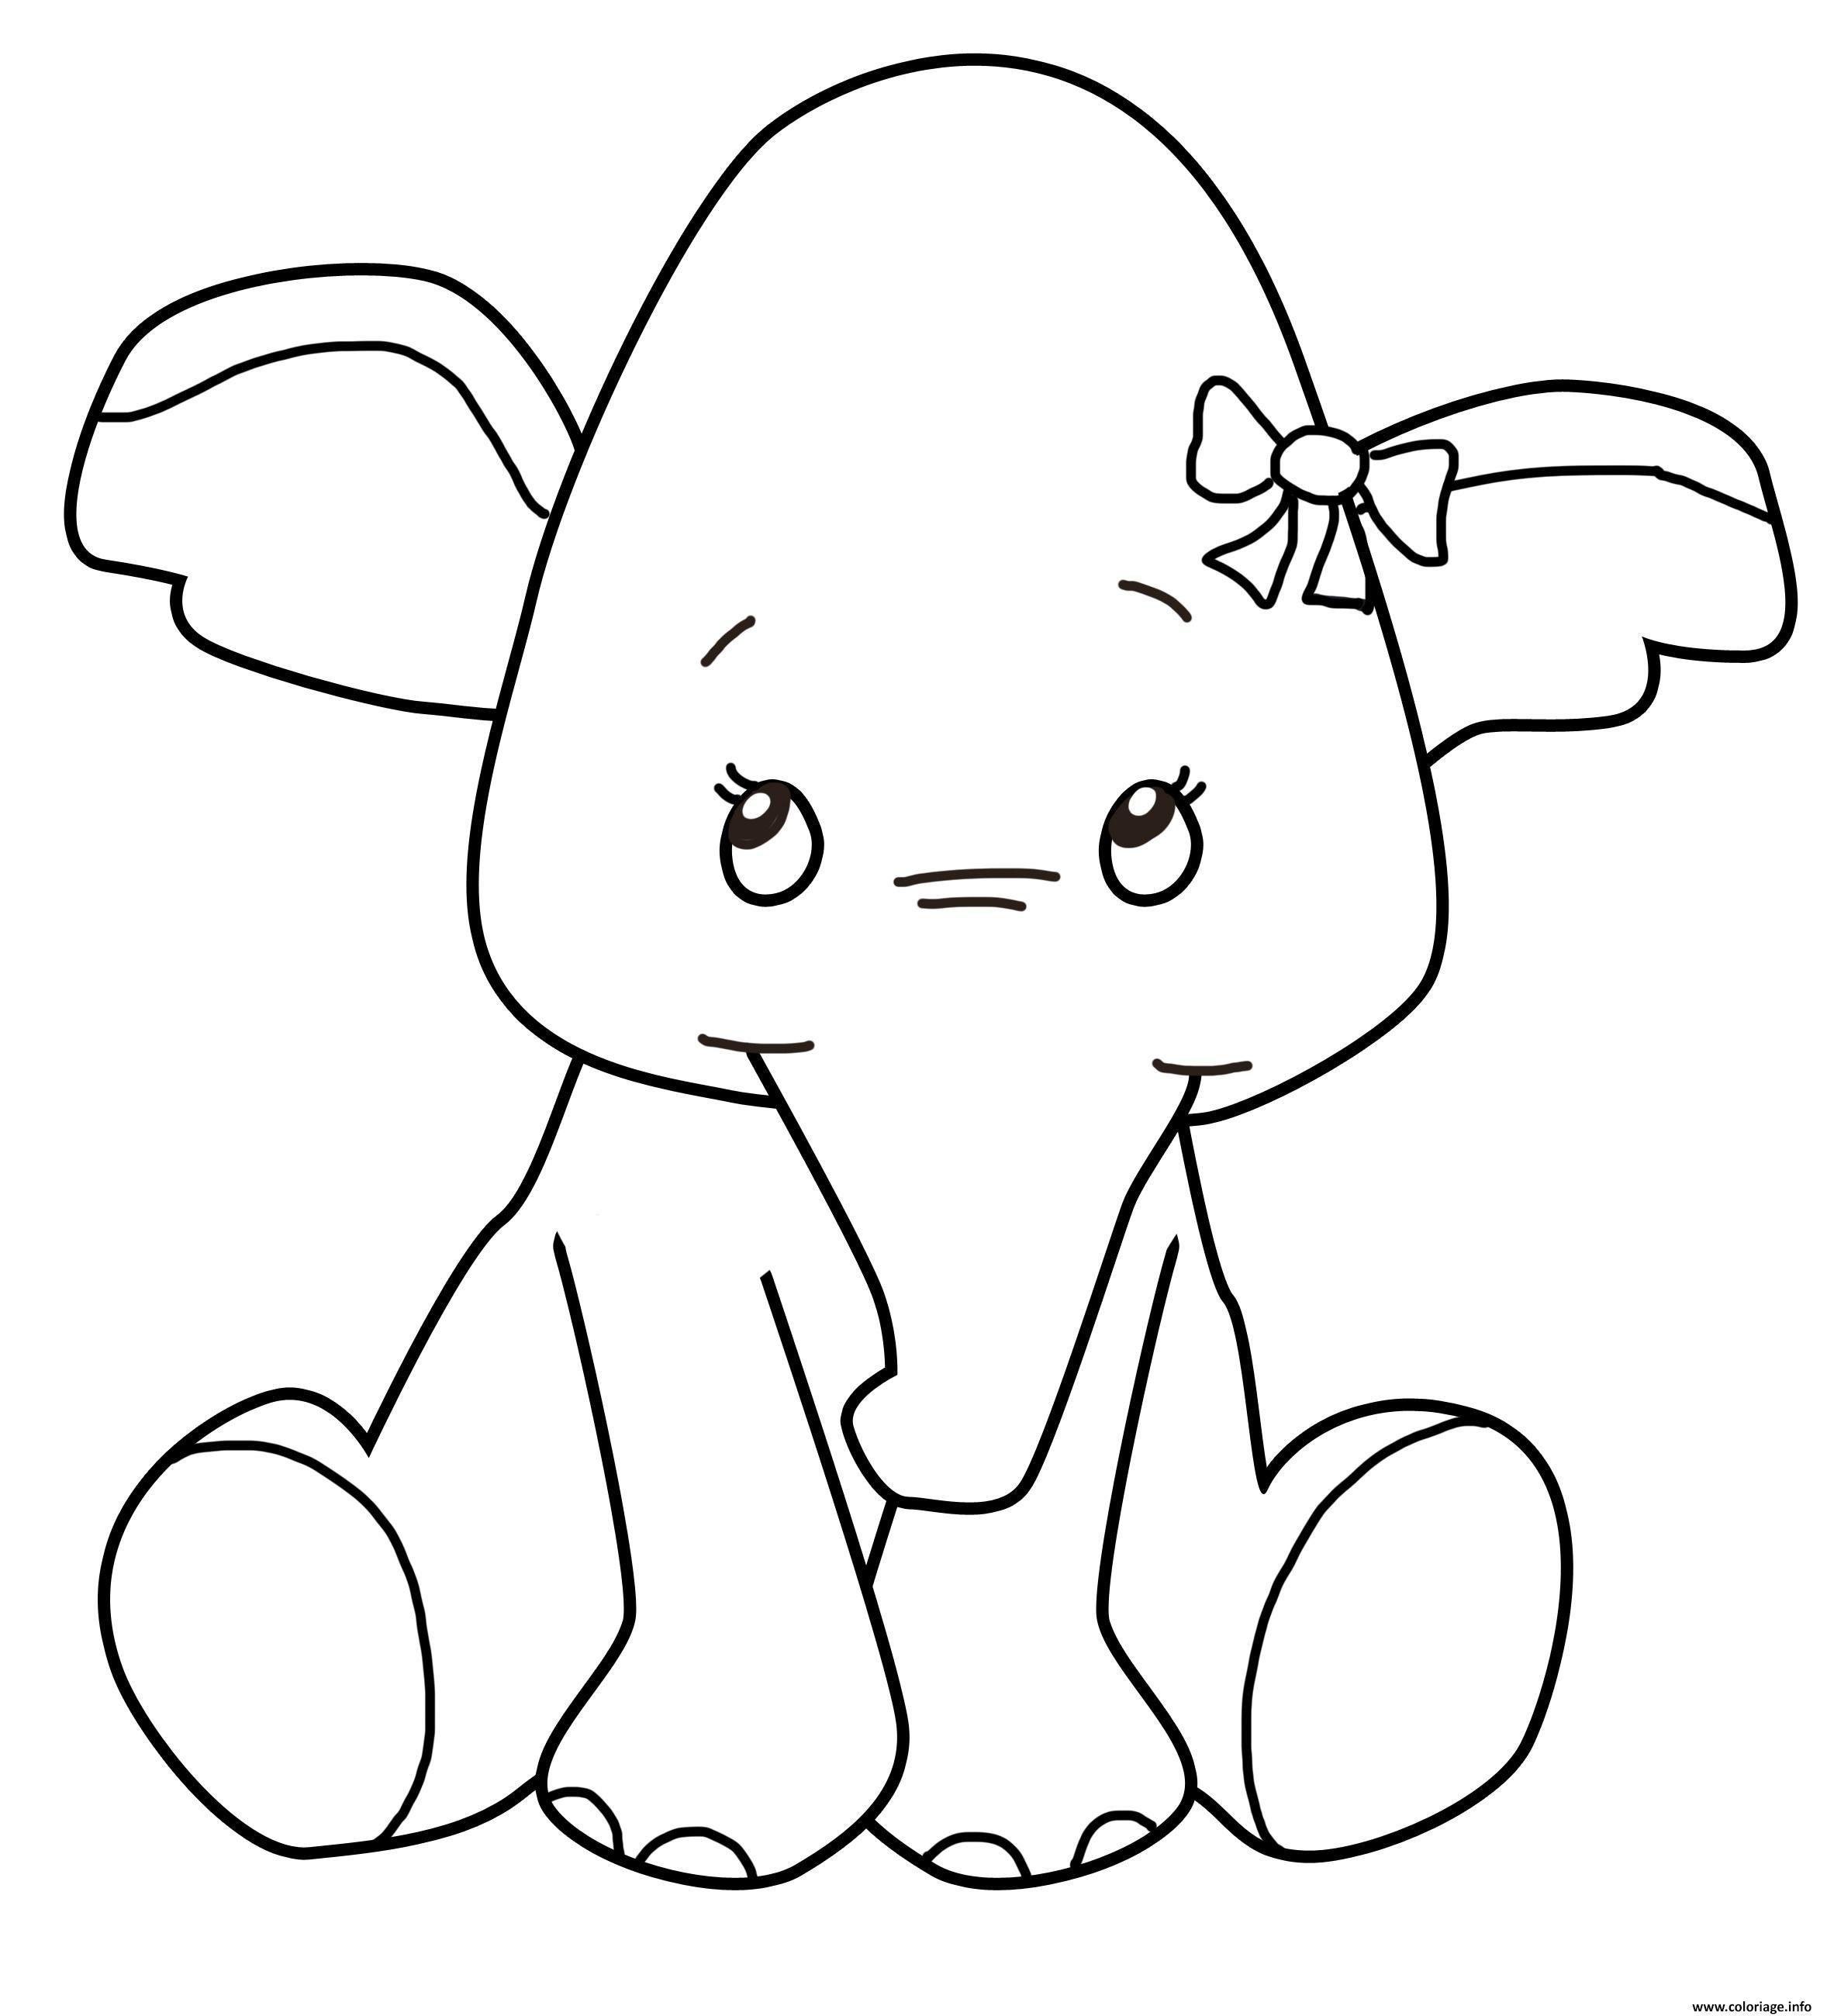 Coloriage bebe elephant animaux enfants dessin - Coloriage info ...